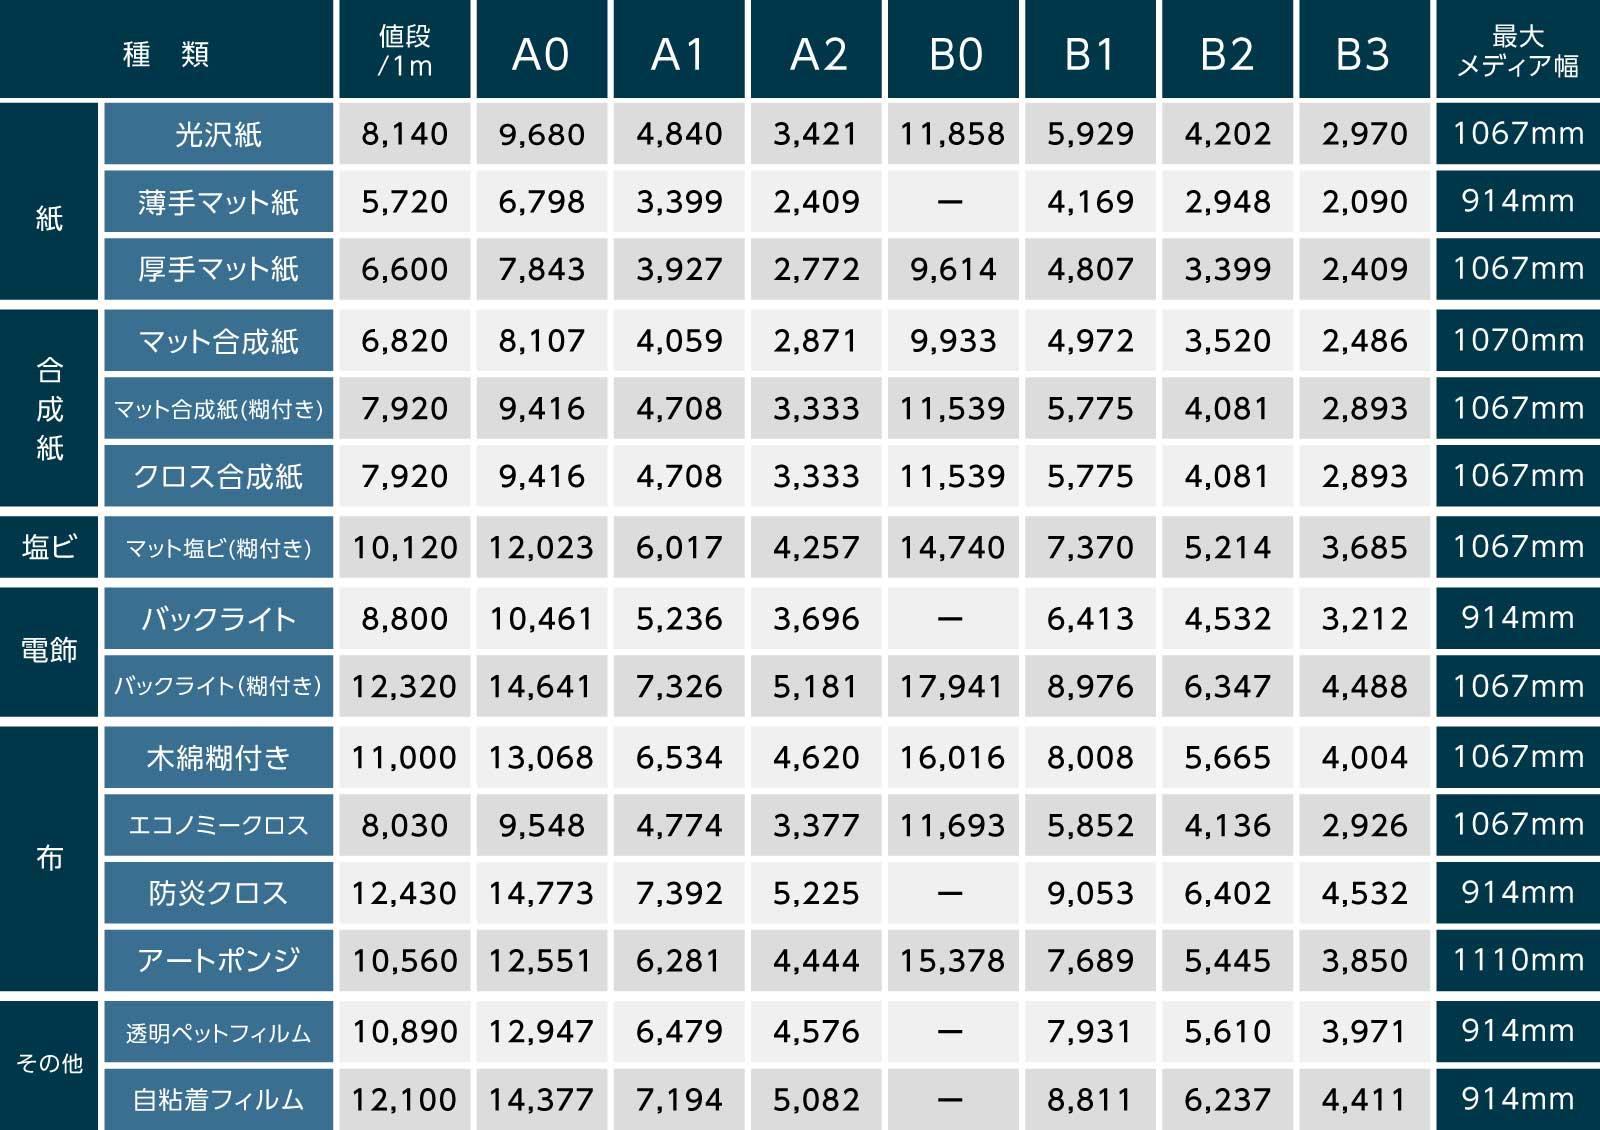 インクジェットプリント 価格表